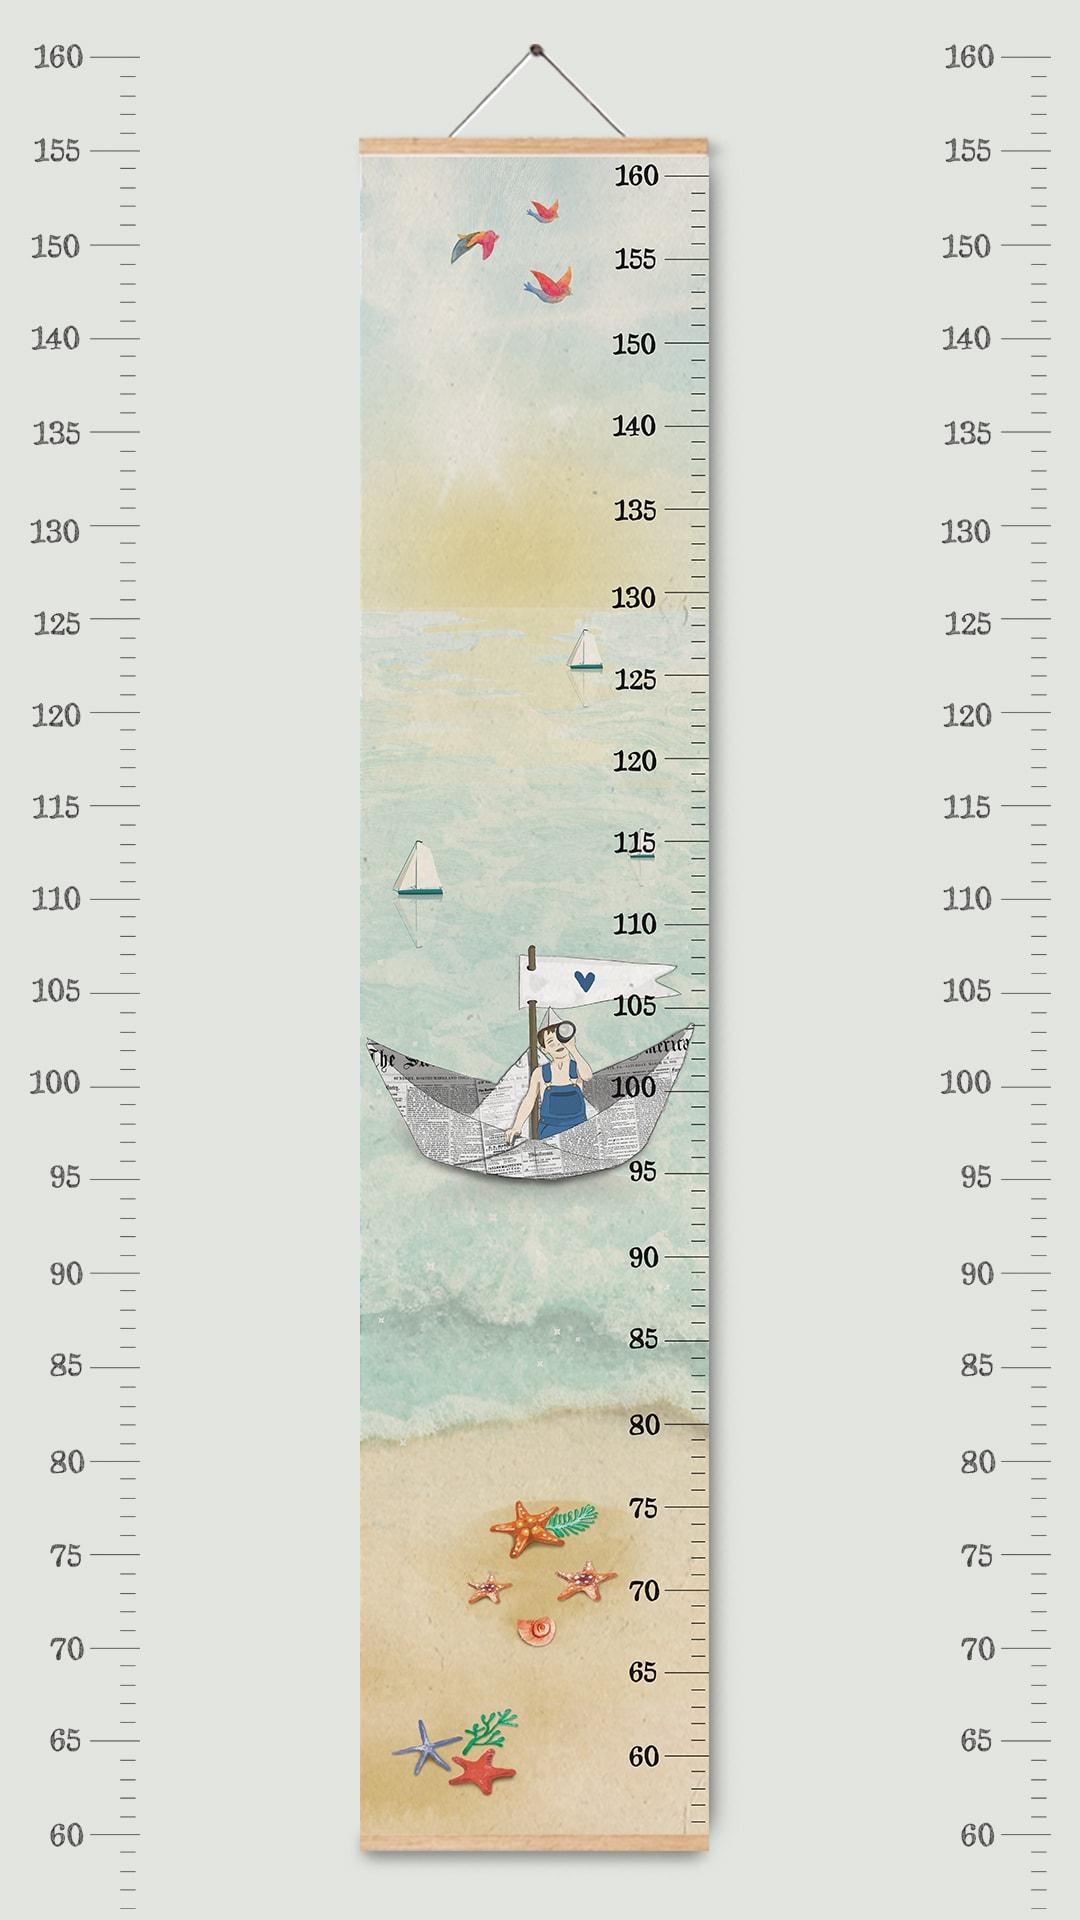 מד גובה לילדים קנוואס דגם ים